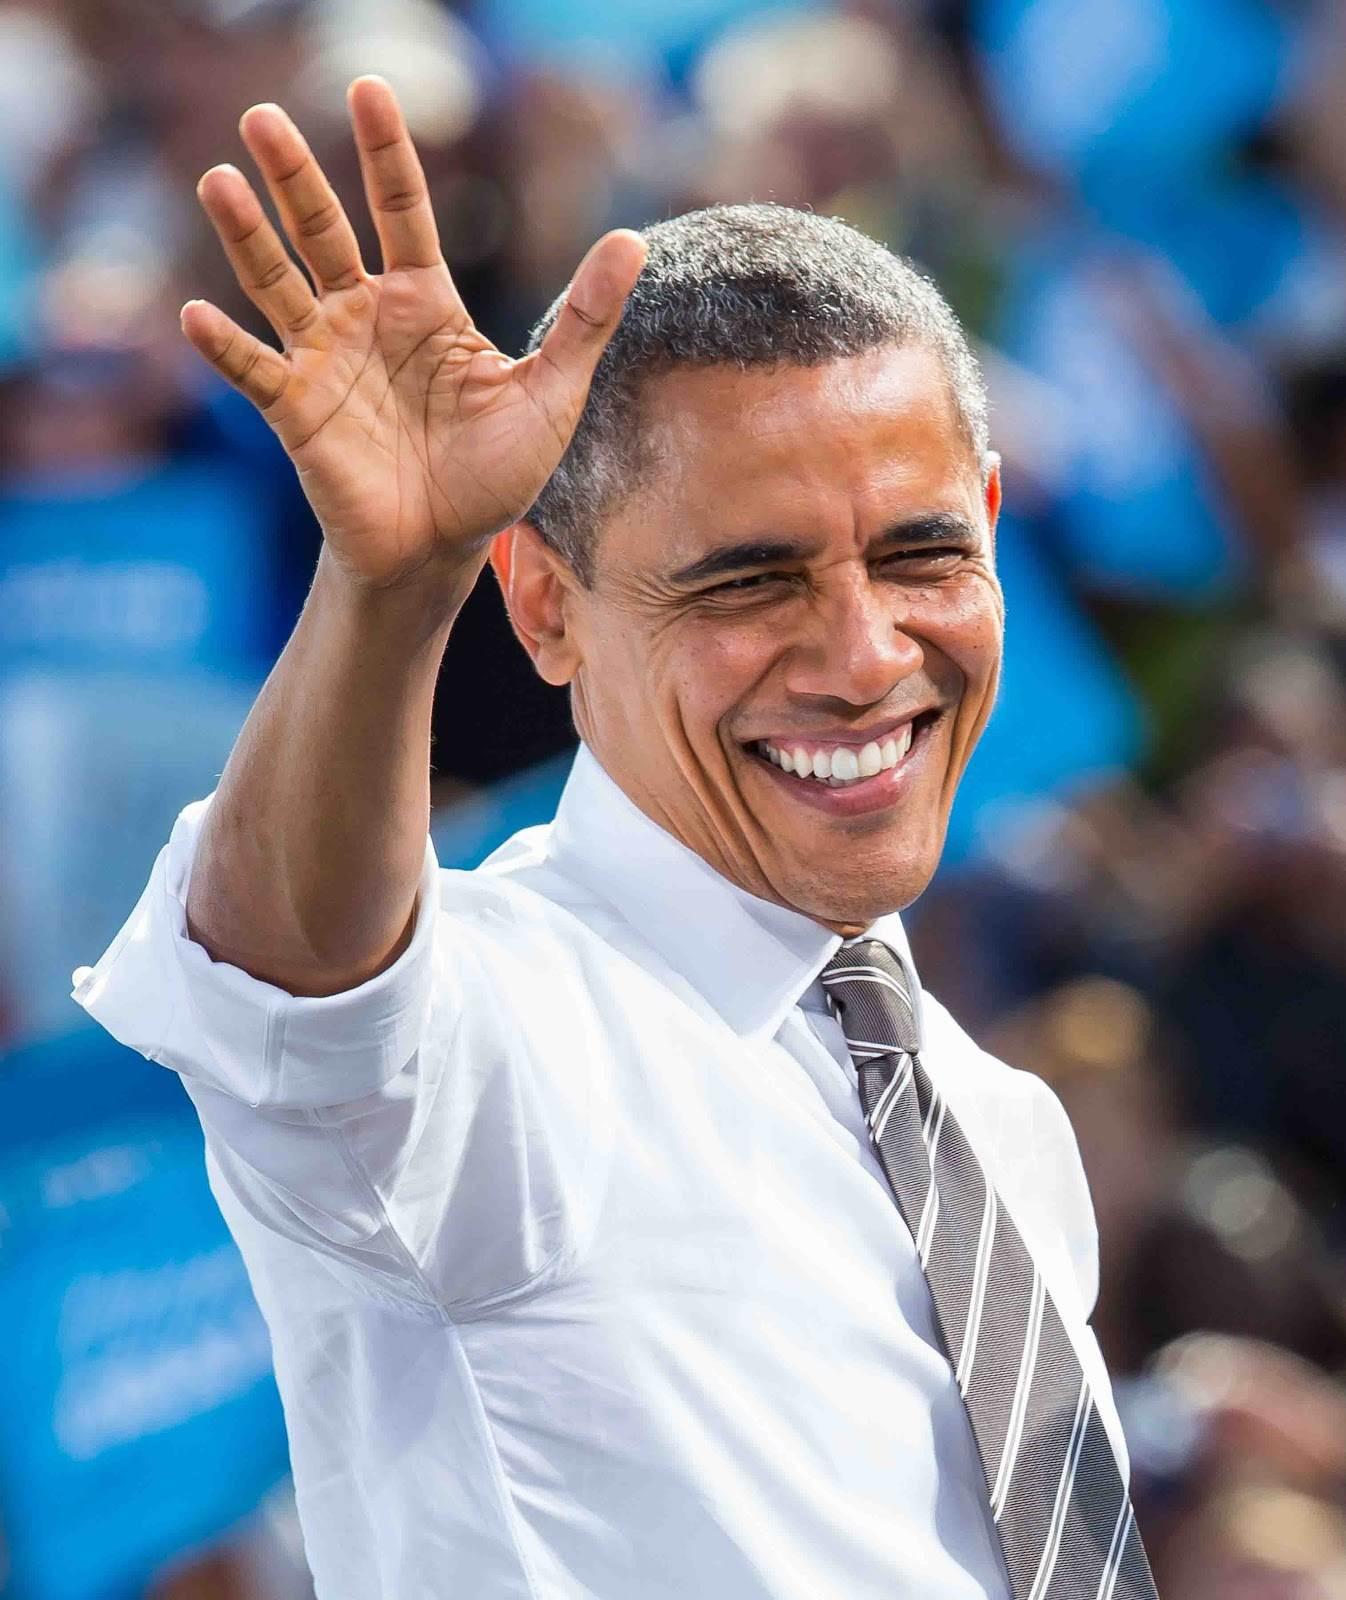 400 ألف دولار لأوباما شهرياً.. تعرّف إلى رواتب أغنى 10 سياسيين في العالم